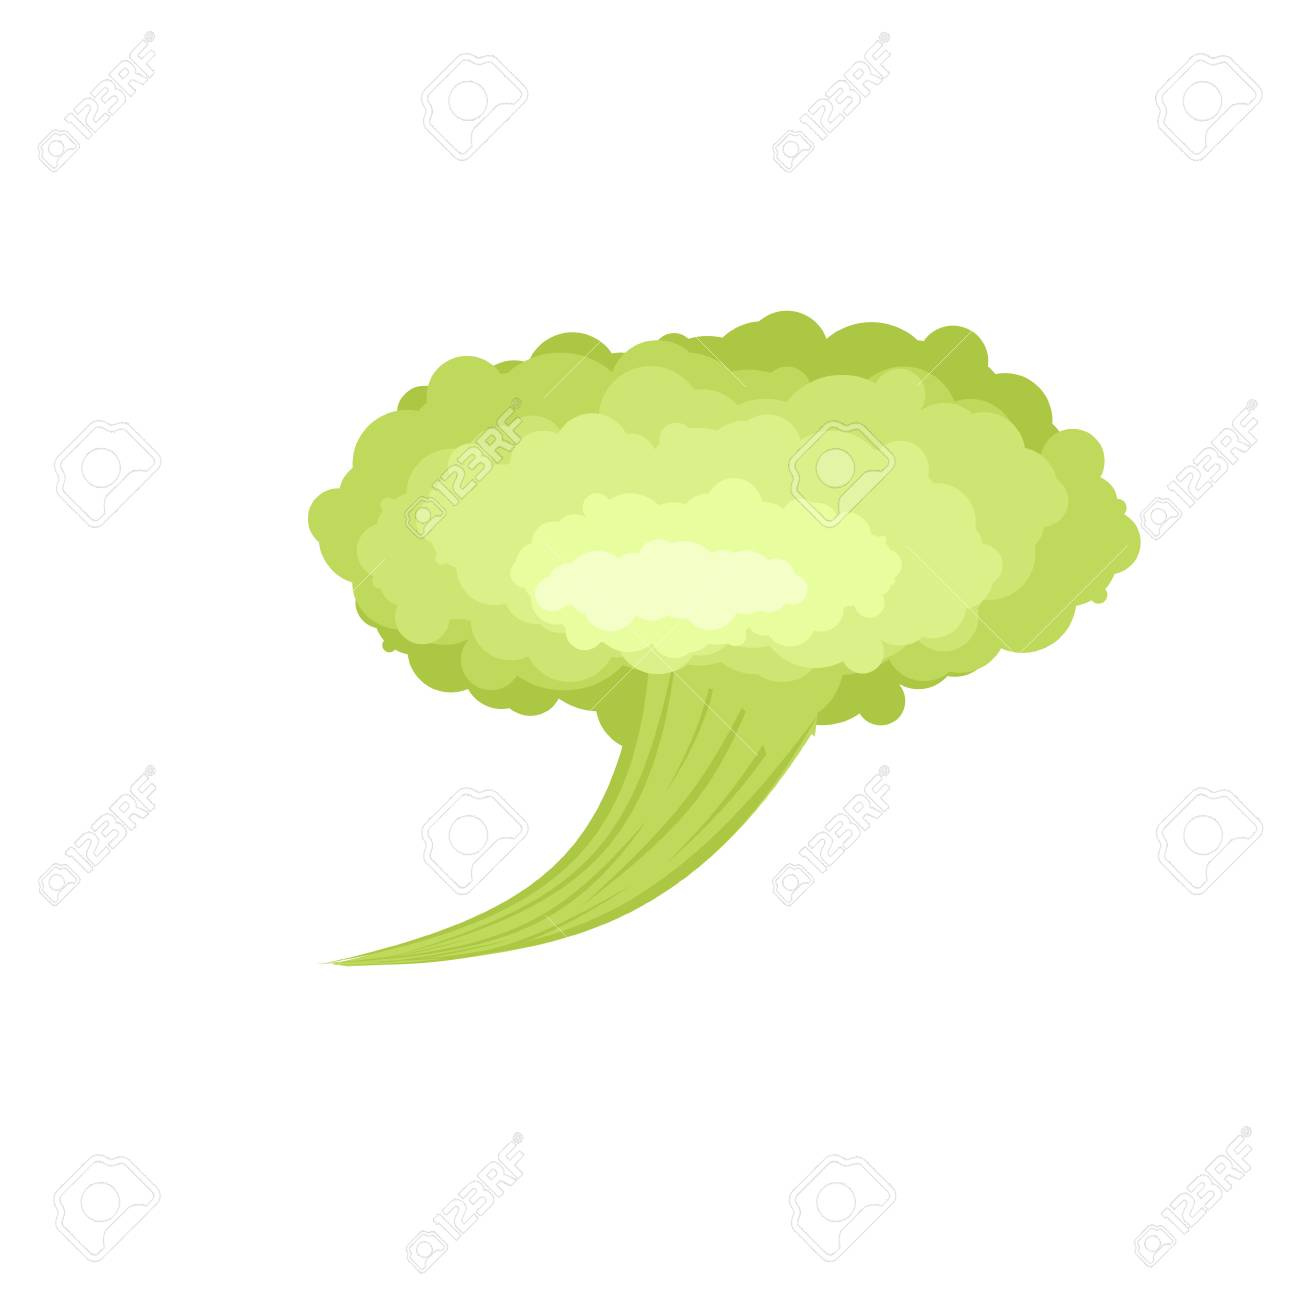 Cartoon Fart Cloud